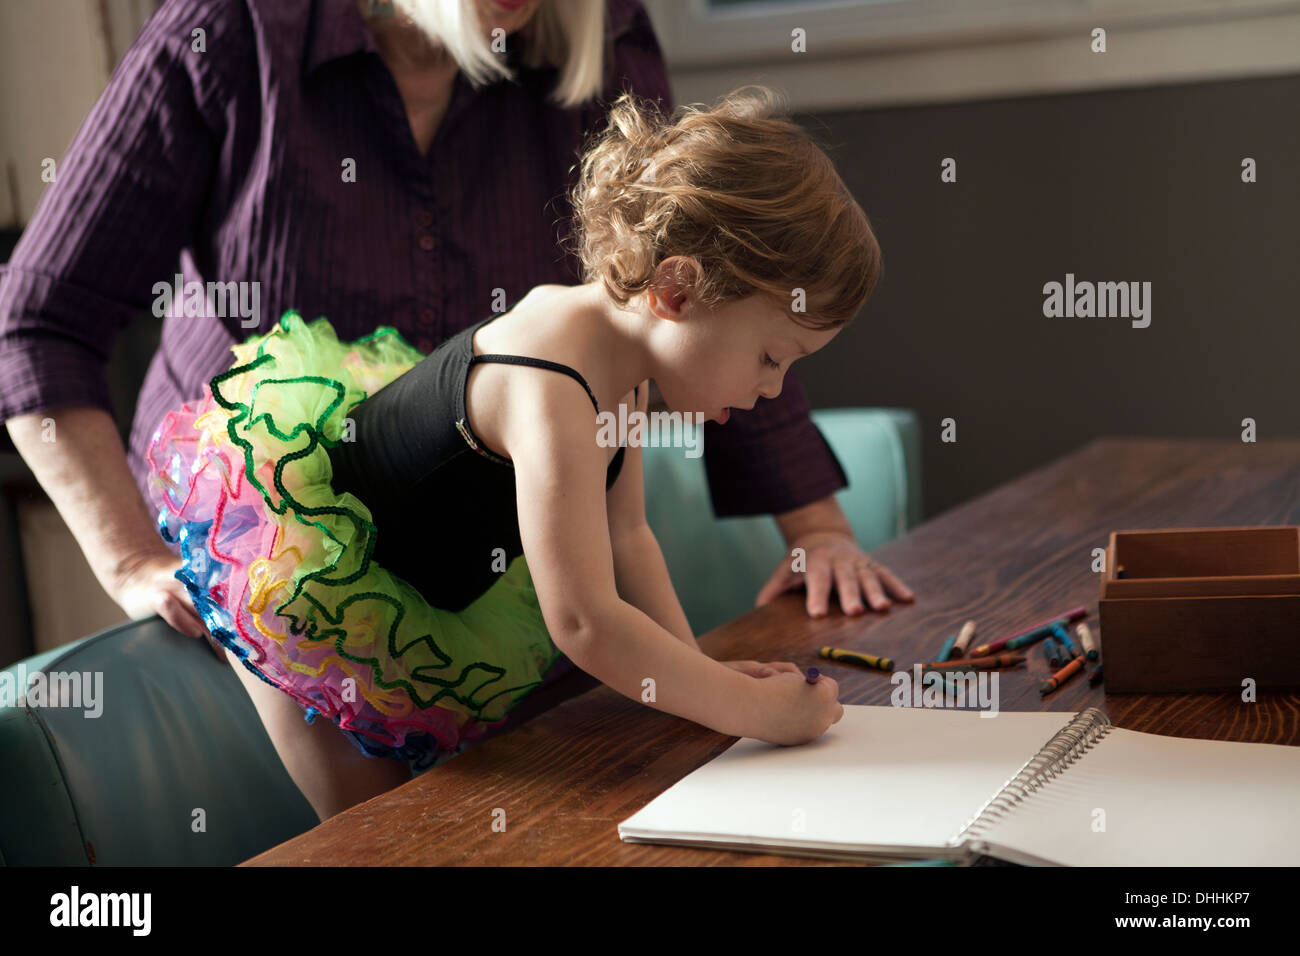 Abuela y nieta de pie en Dibujar tabla Imagen De Stock